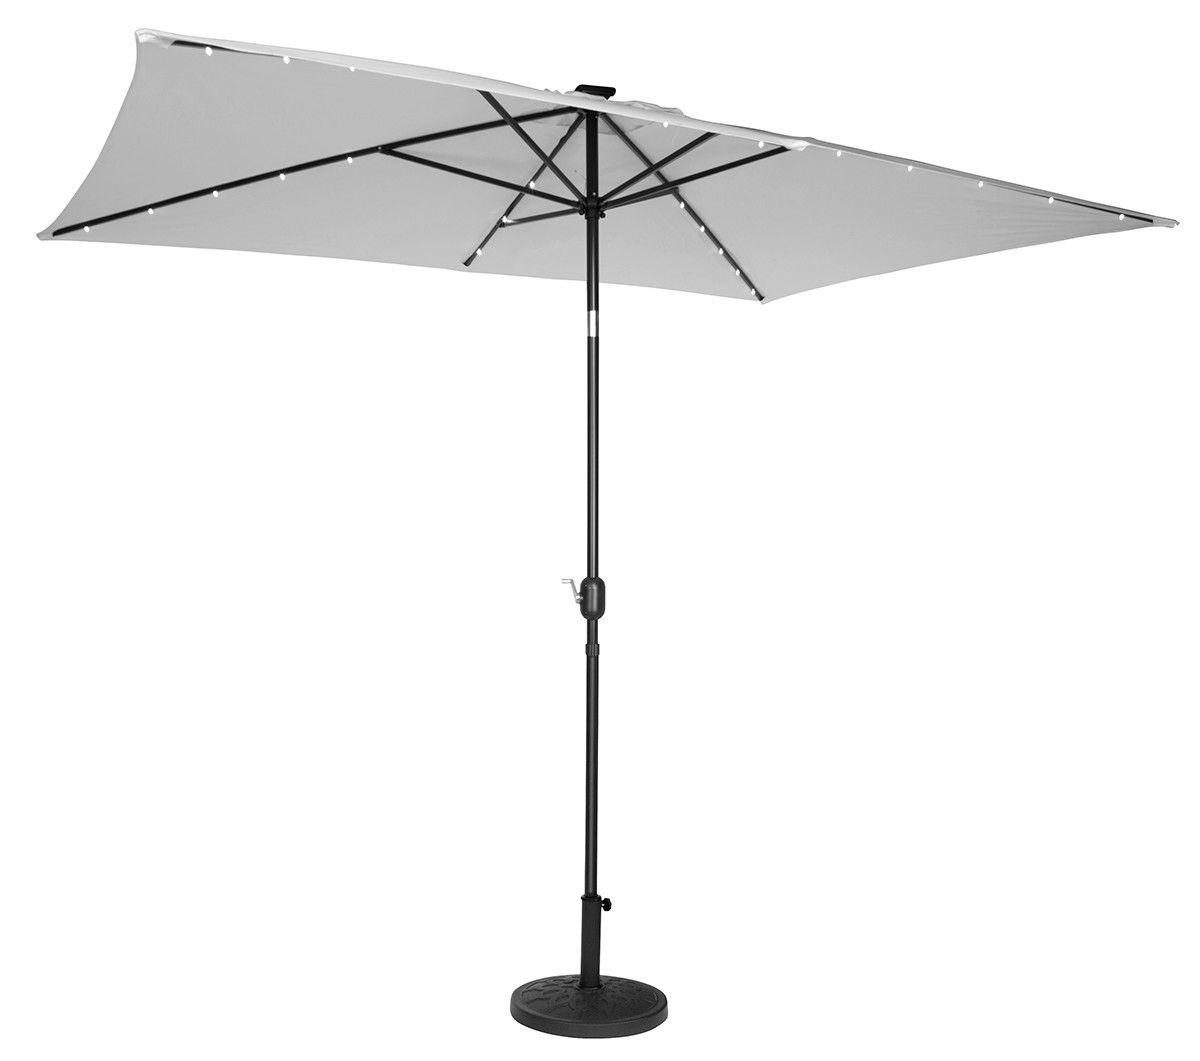 6.5' x 10' Rectangular Illuminated Umbrella